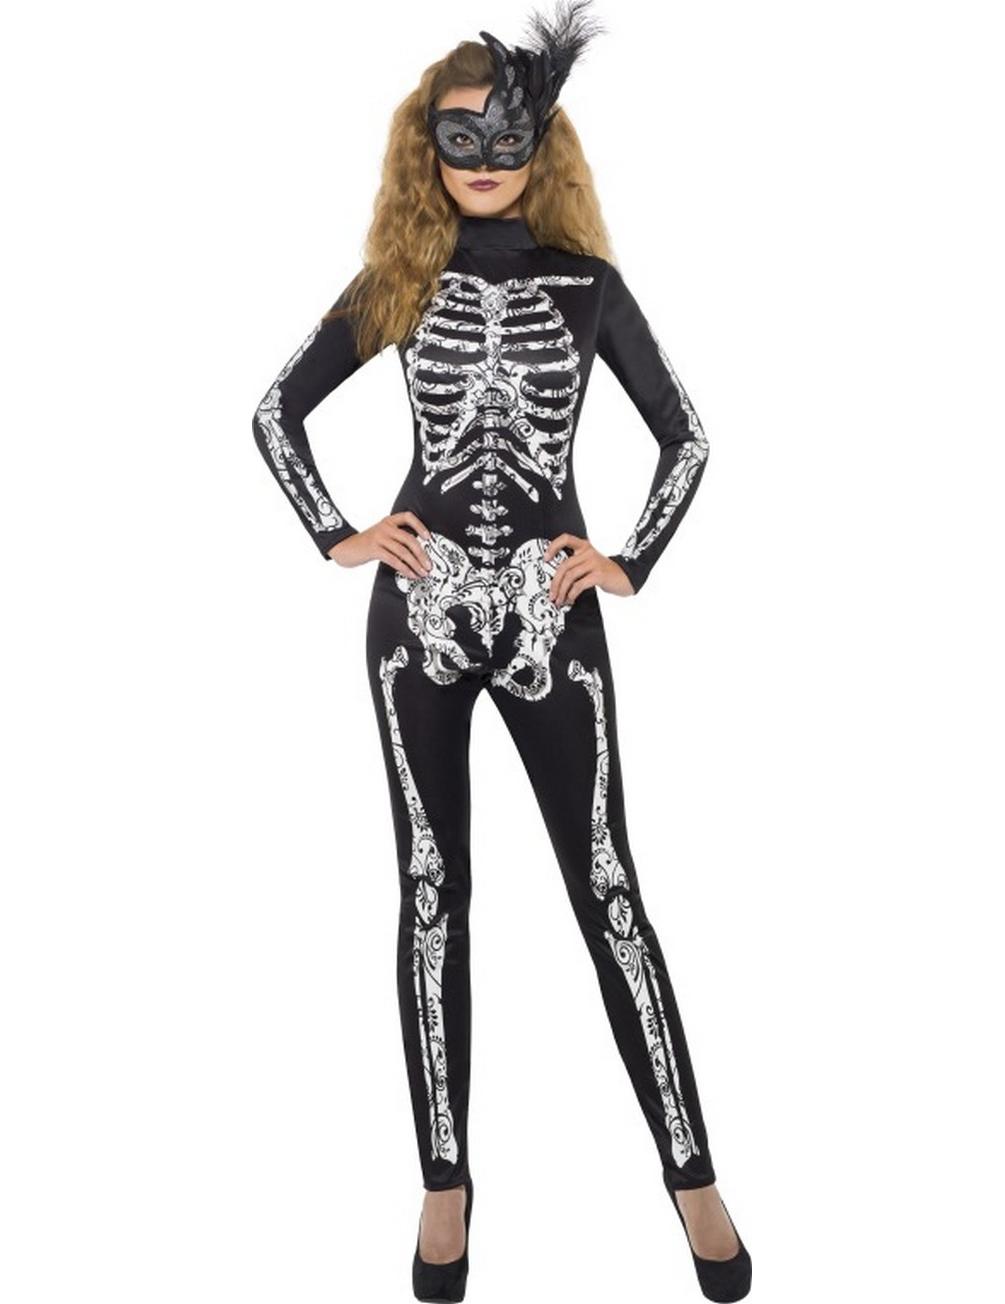 D guisement squelette femme halloween deguise toi achat de d guisements ad - Deguisetoi fr halloween ...